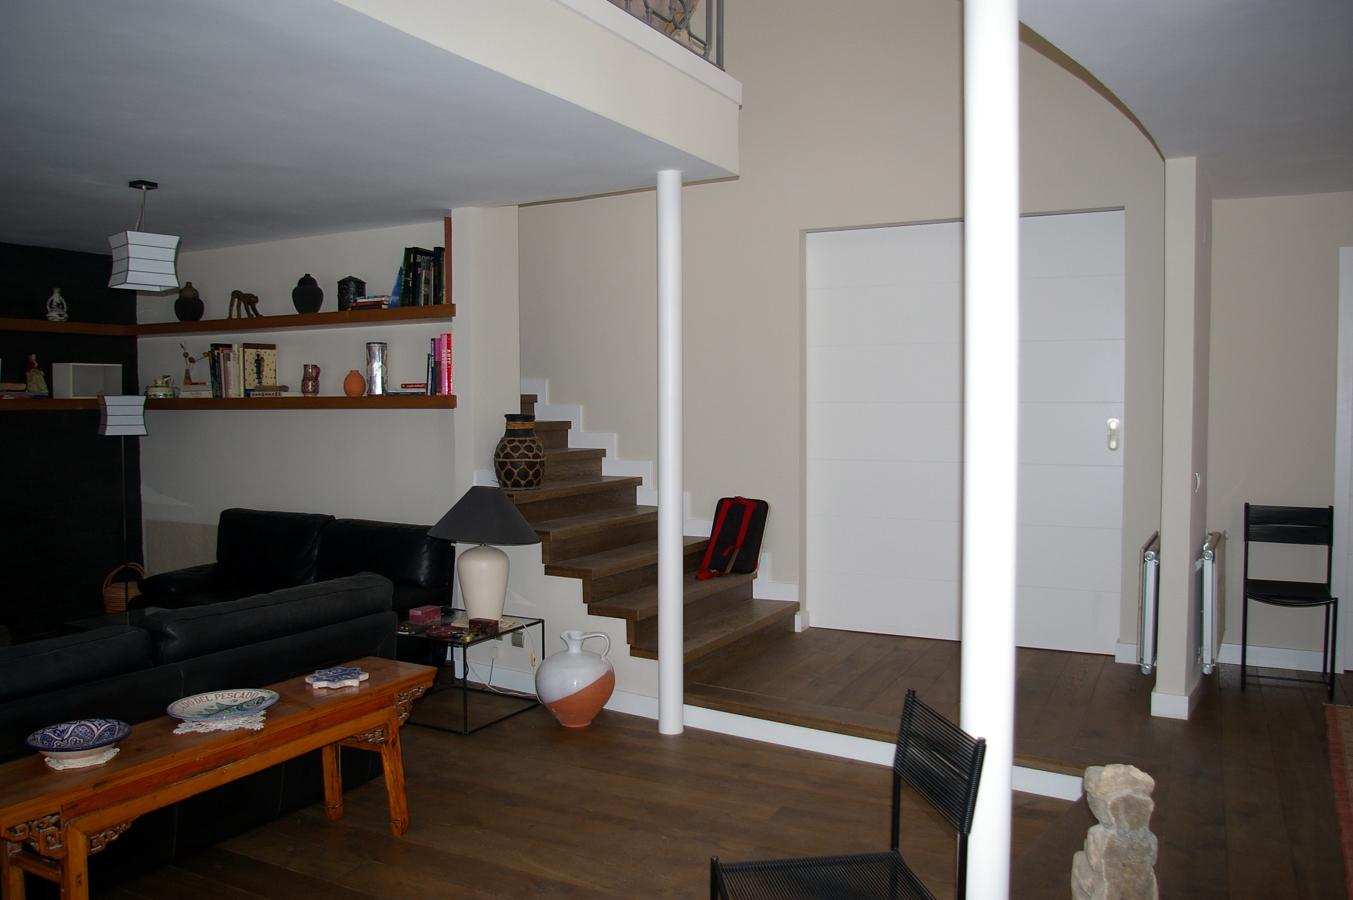 Reforma e interiorismo de vivienda en Pozuelo de Alarcón-Madrid